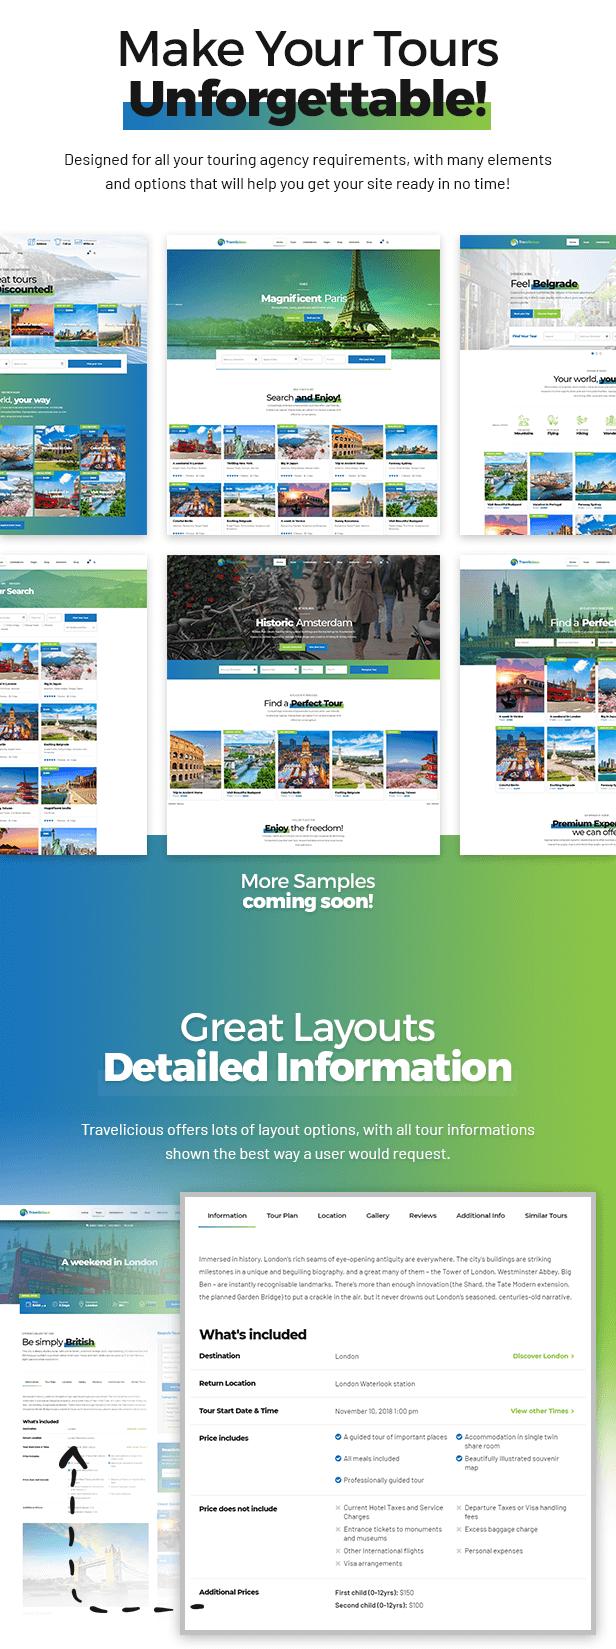 Travelicious - Tourism, Travel Agency & Tour Operator WordPress Theme - 1